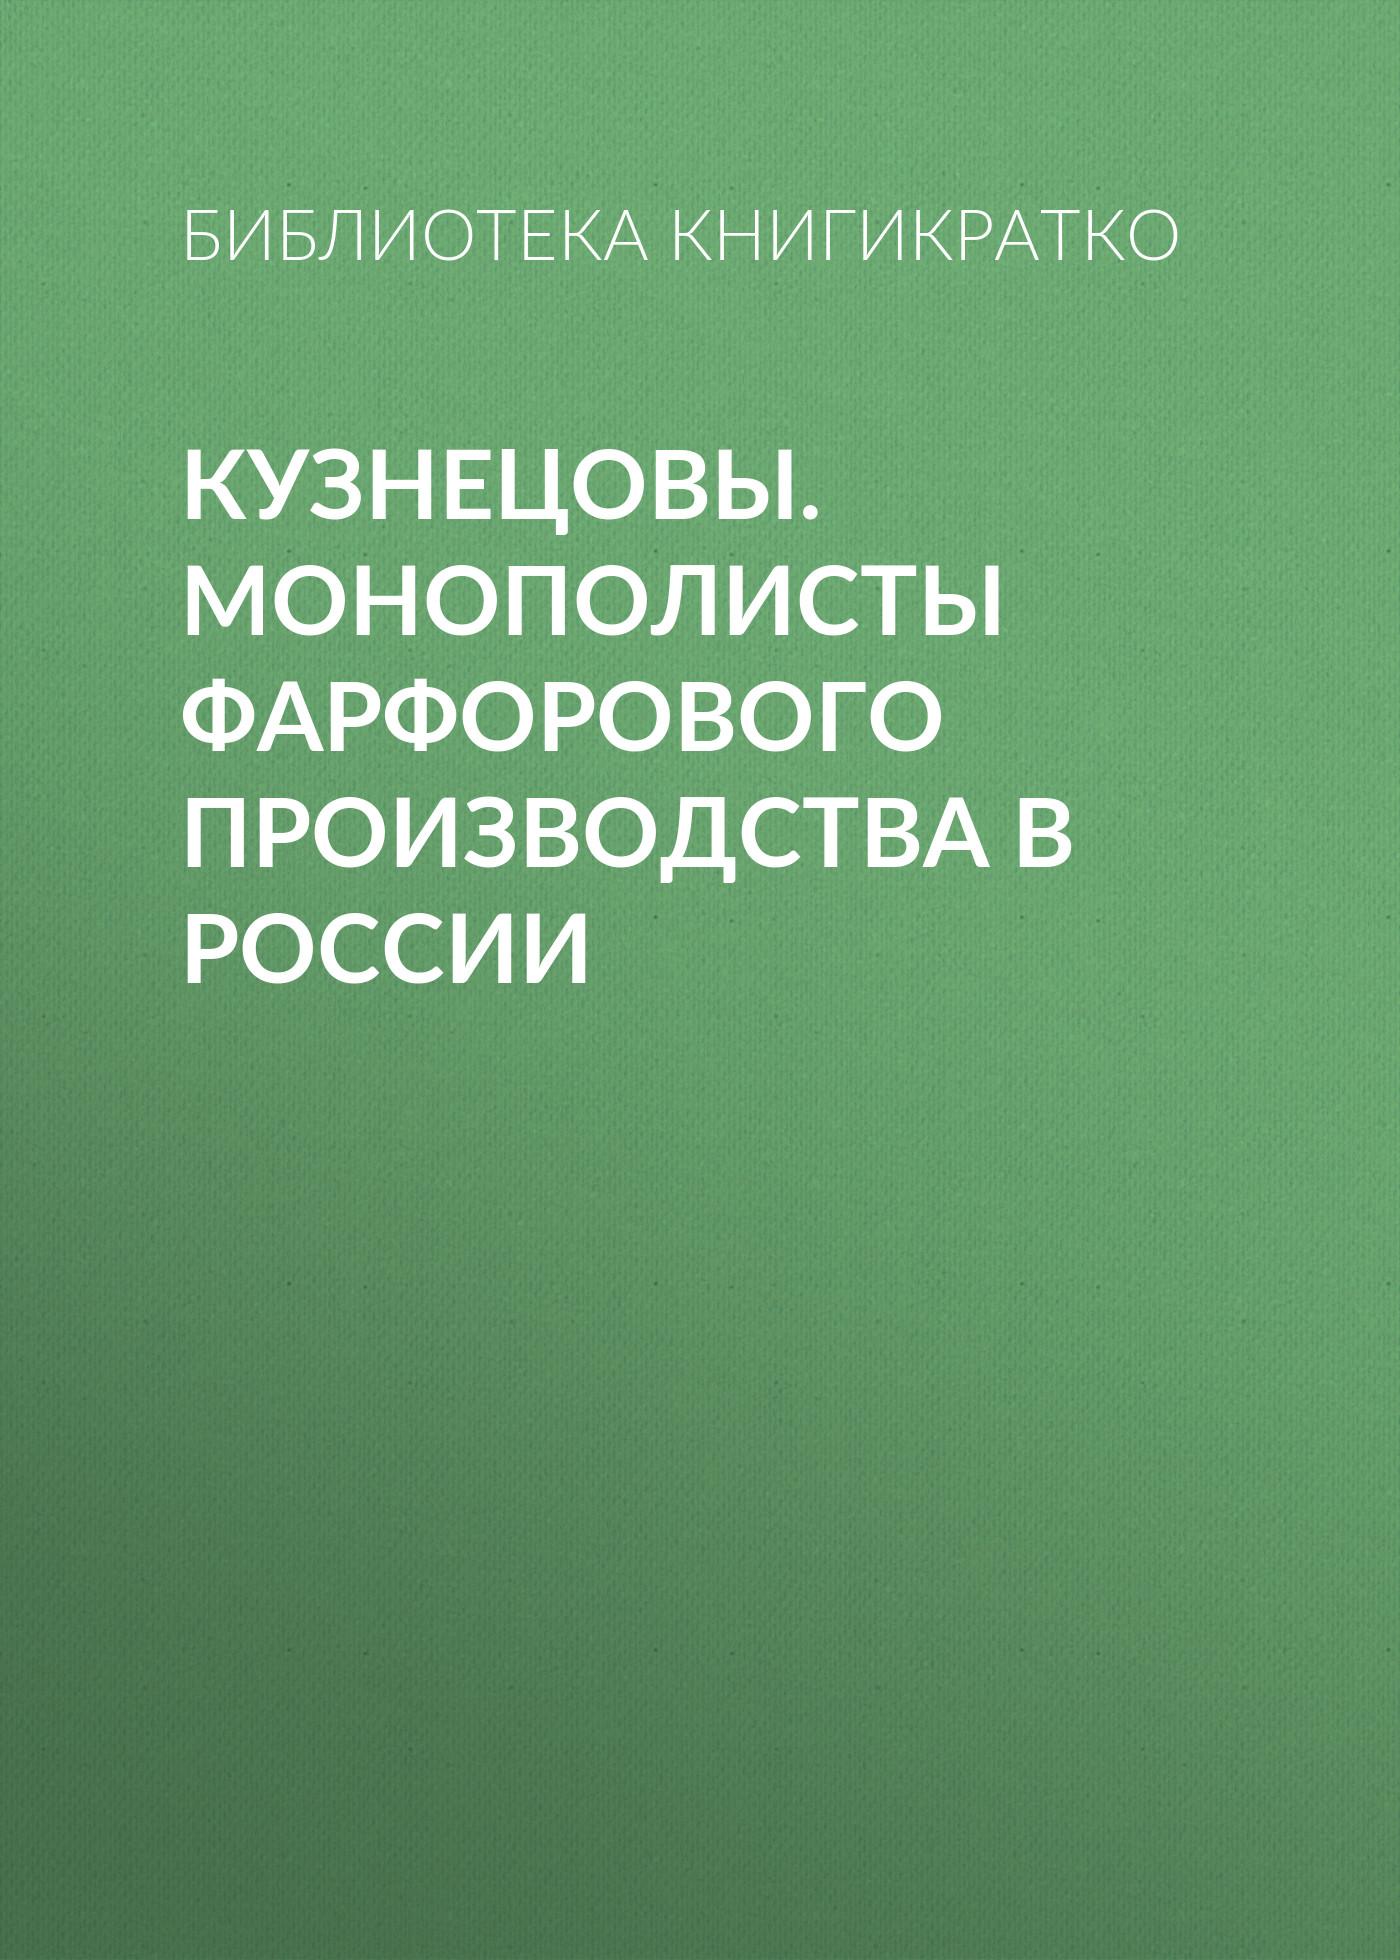 все цены на Библиотека КнигиКратко Кузнецовы. Монополисты фарфорового производства в России